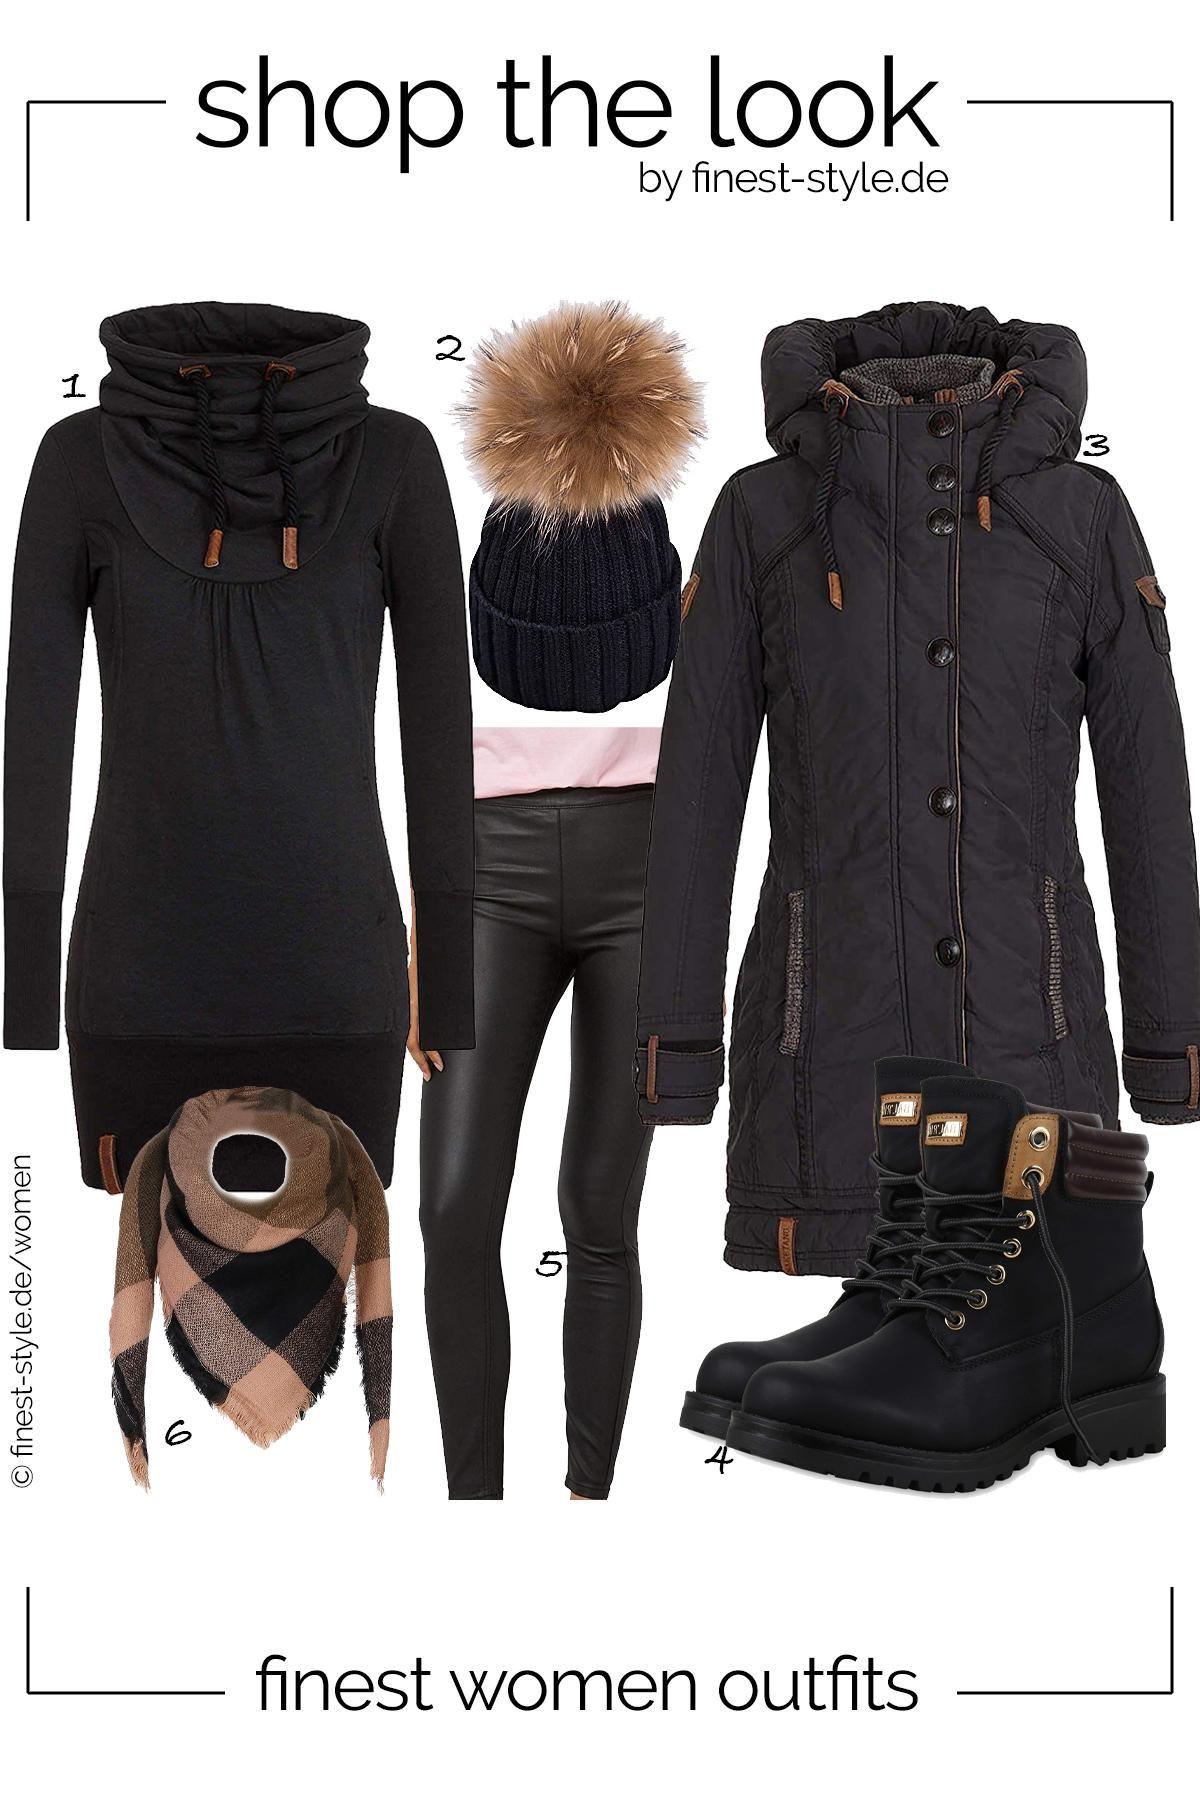 Top modernes Outfit für Damen mit Einzelteilen von